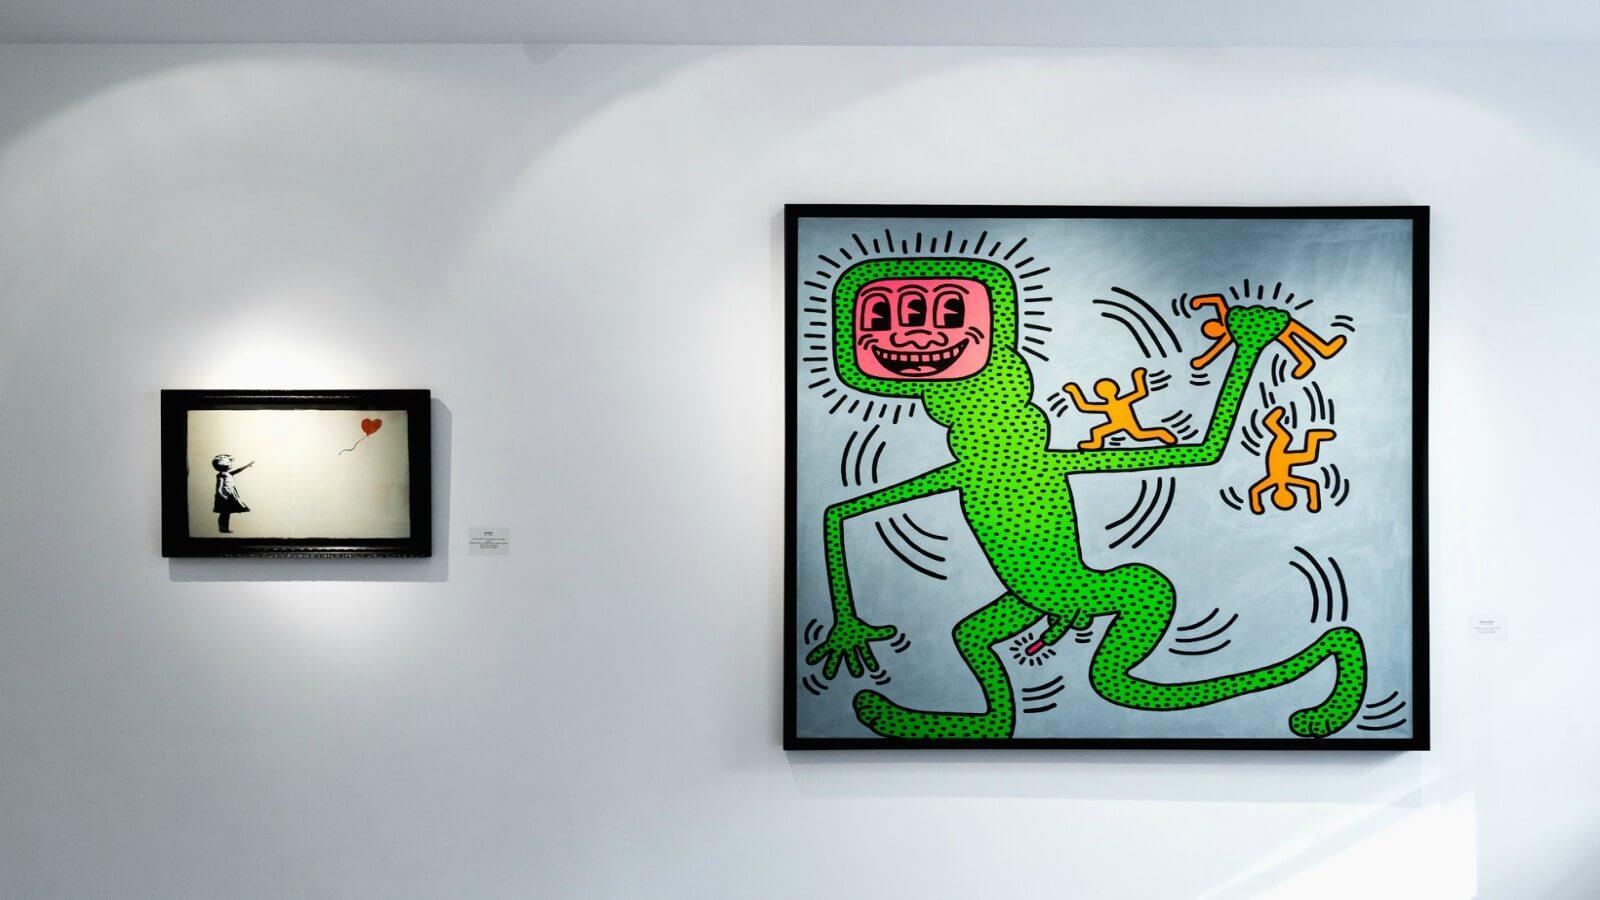 Exposición reúne a Keith Haring y Banksy en Nueva York